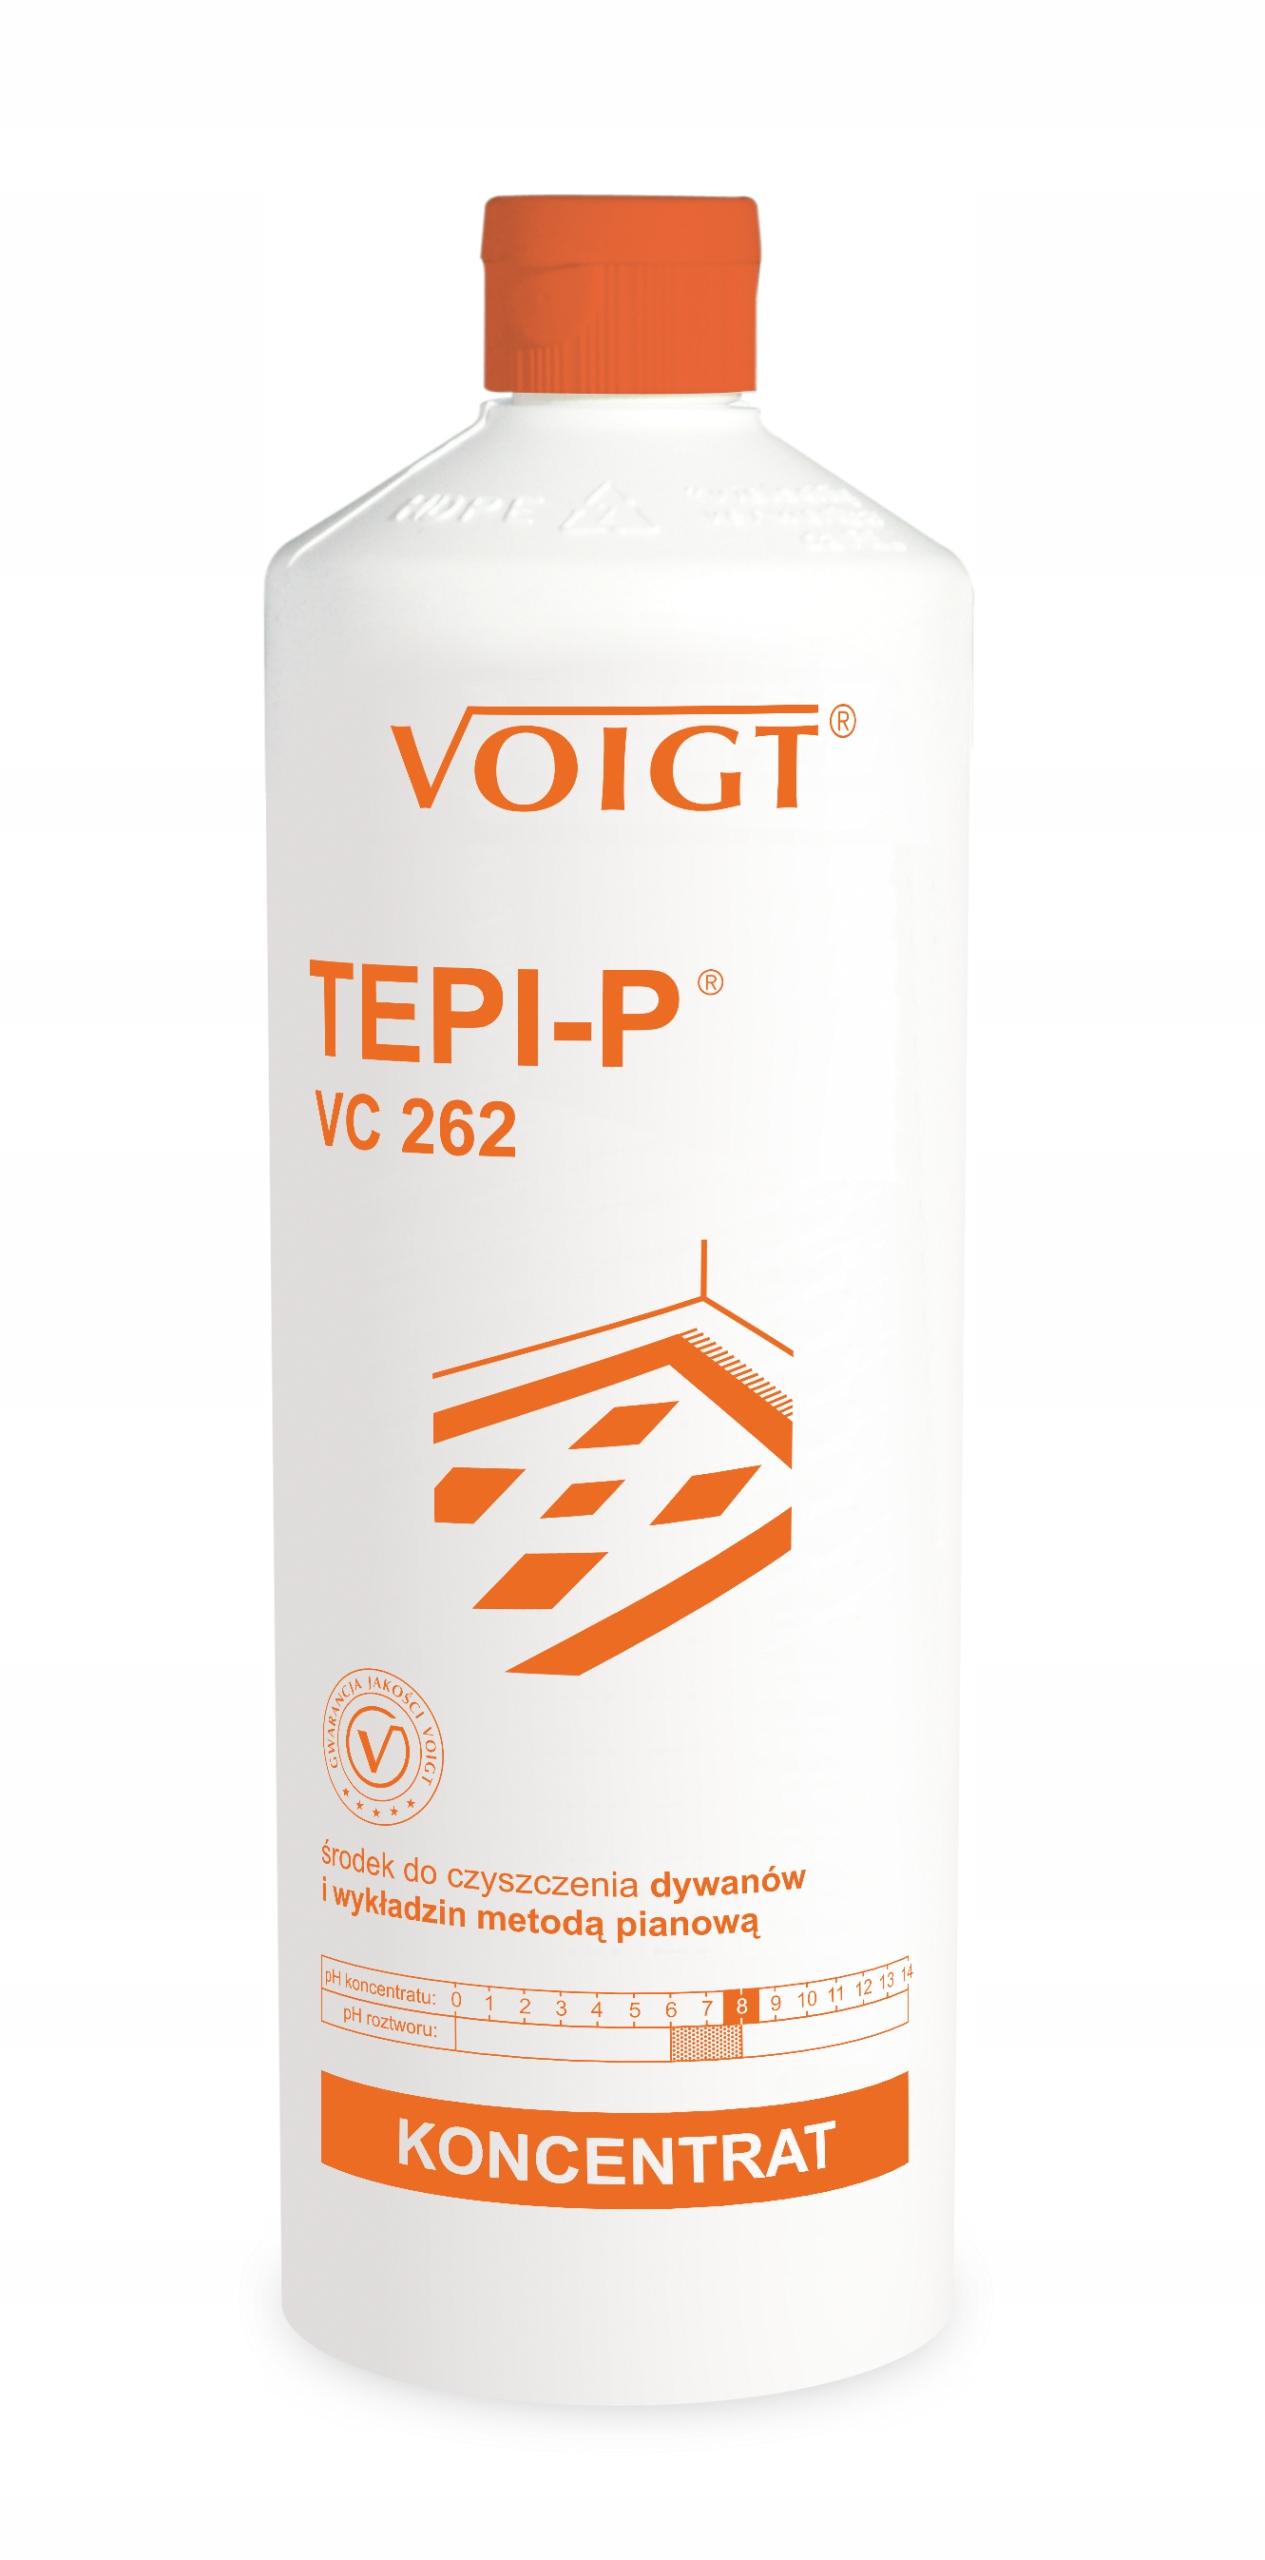 Voigt TEPI-P VC 262 очищает ковры ковры 1лит